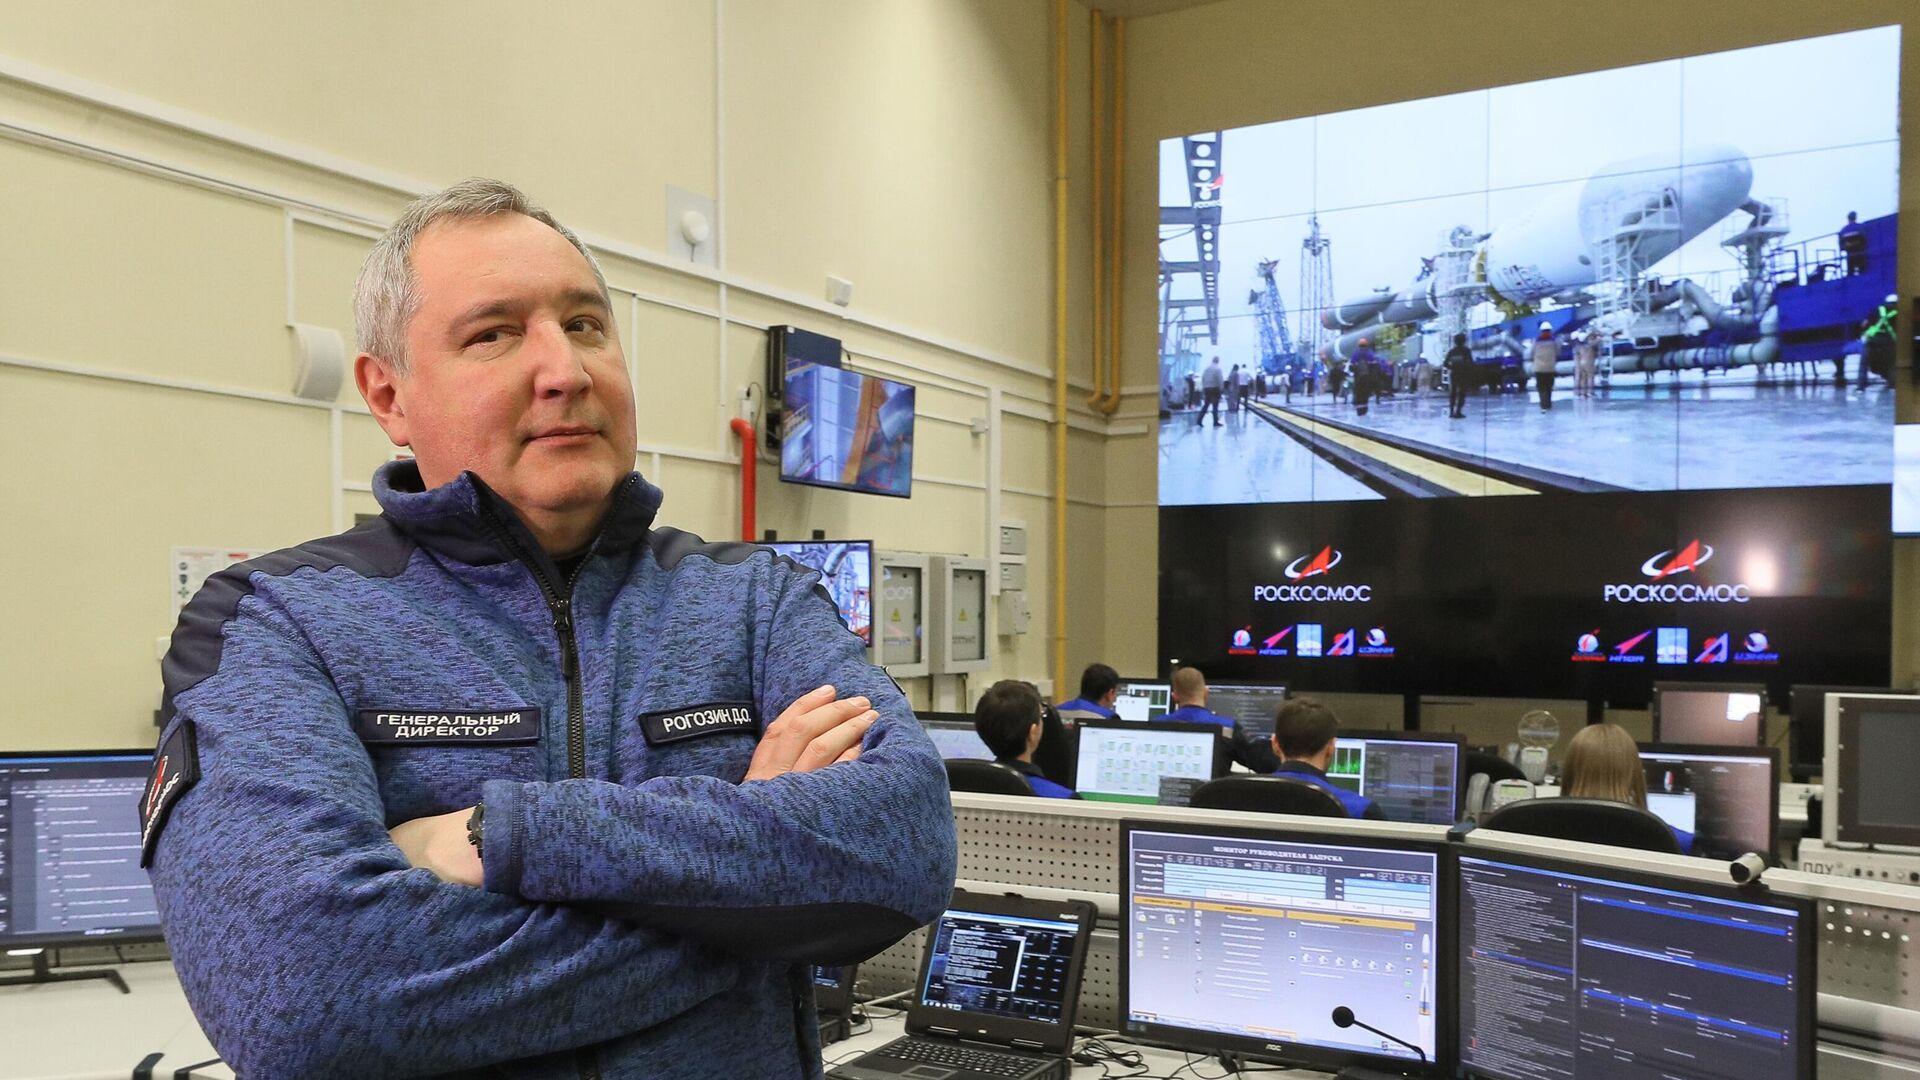 Генеральный директор госкорпорации Роскосмос Дмитрий Рогозин в командном пункте обслуживания стартового комплекса РН Союз-2 на космодроме Восточный  - РИА Новости, 1920, 07.08.2020